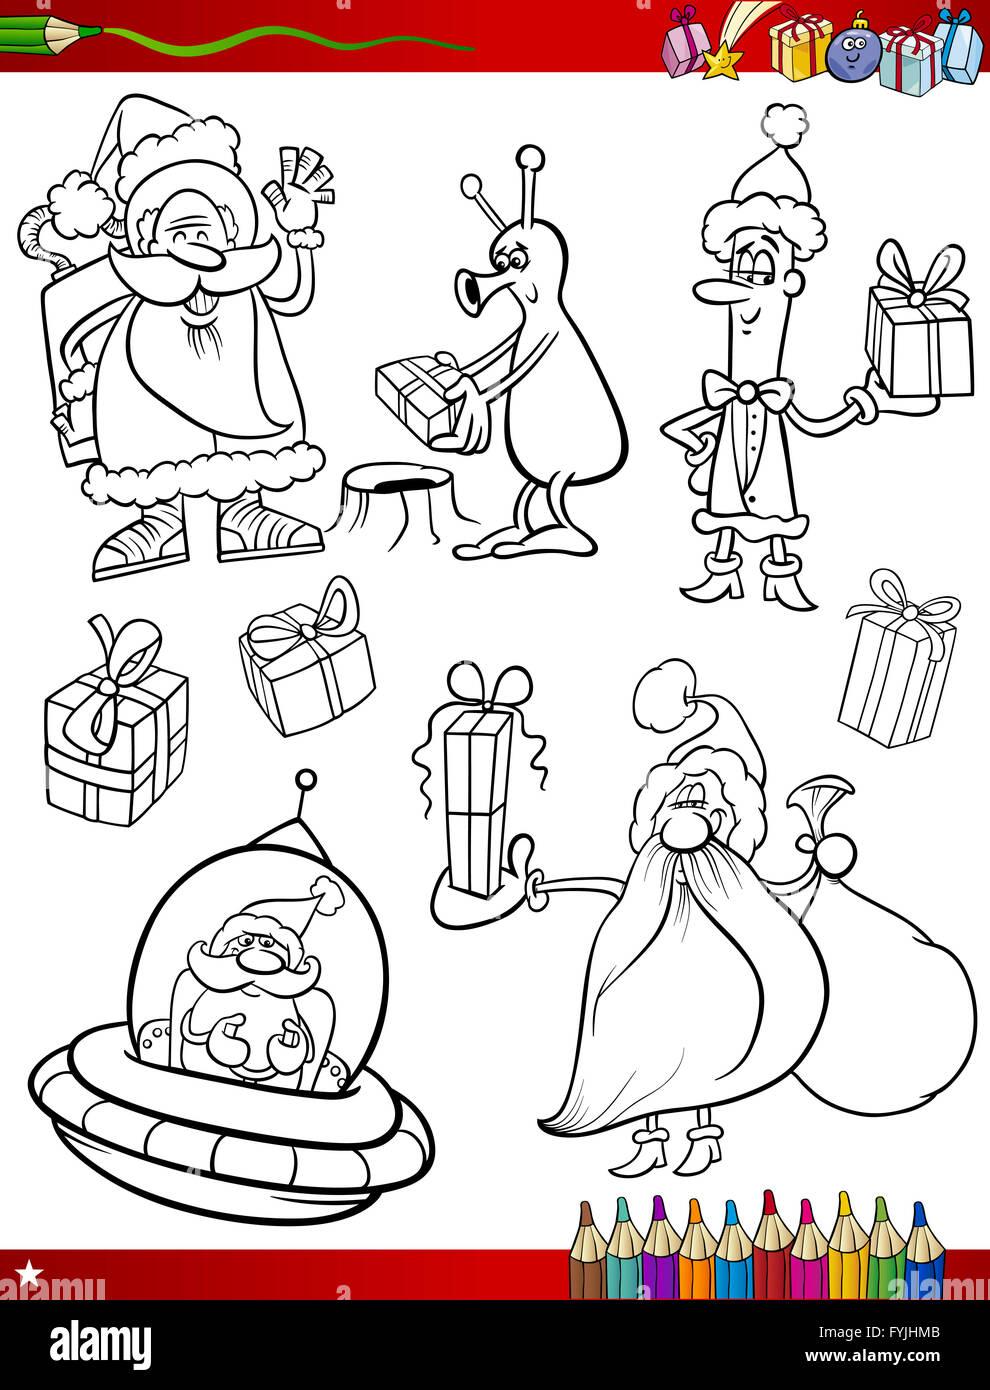 Santa Claus Weihnachten Malvorlagen Stockfoto, Bild: 103056587 - Alamy